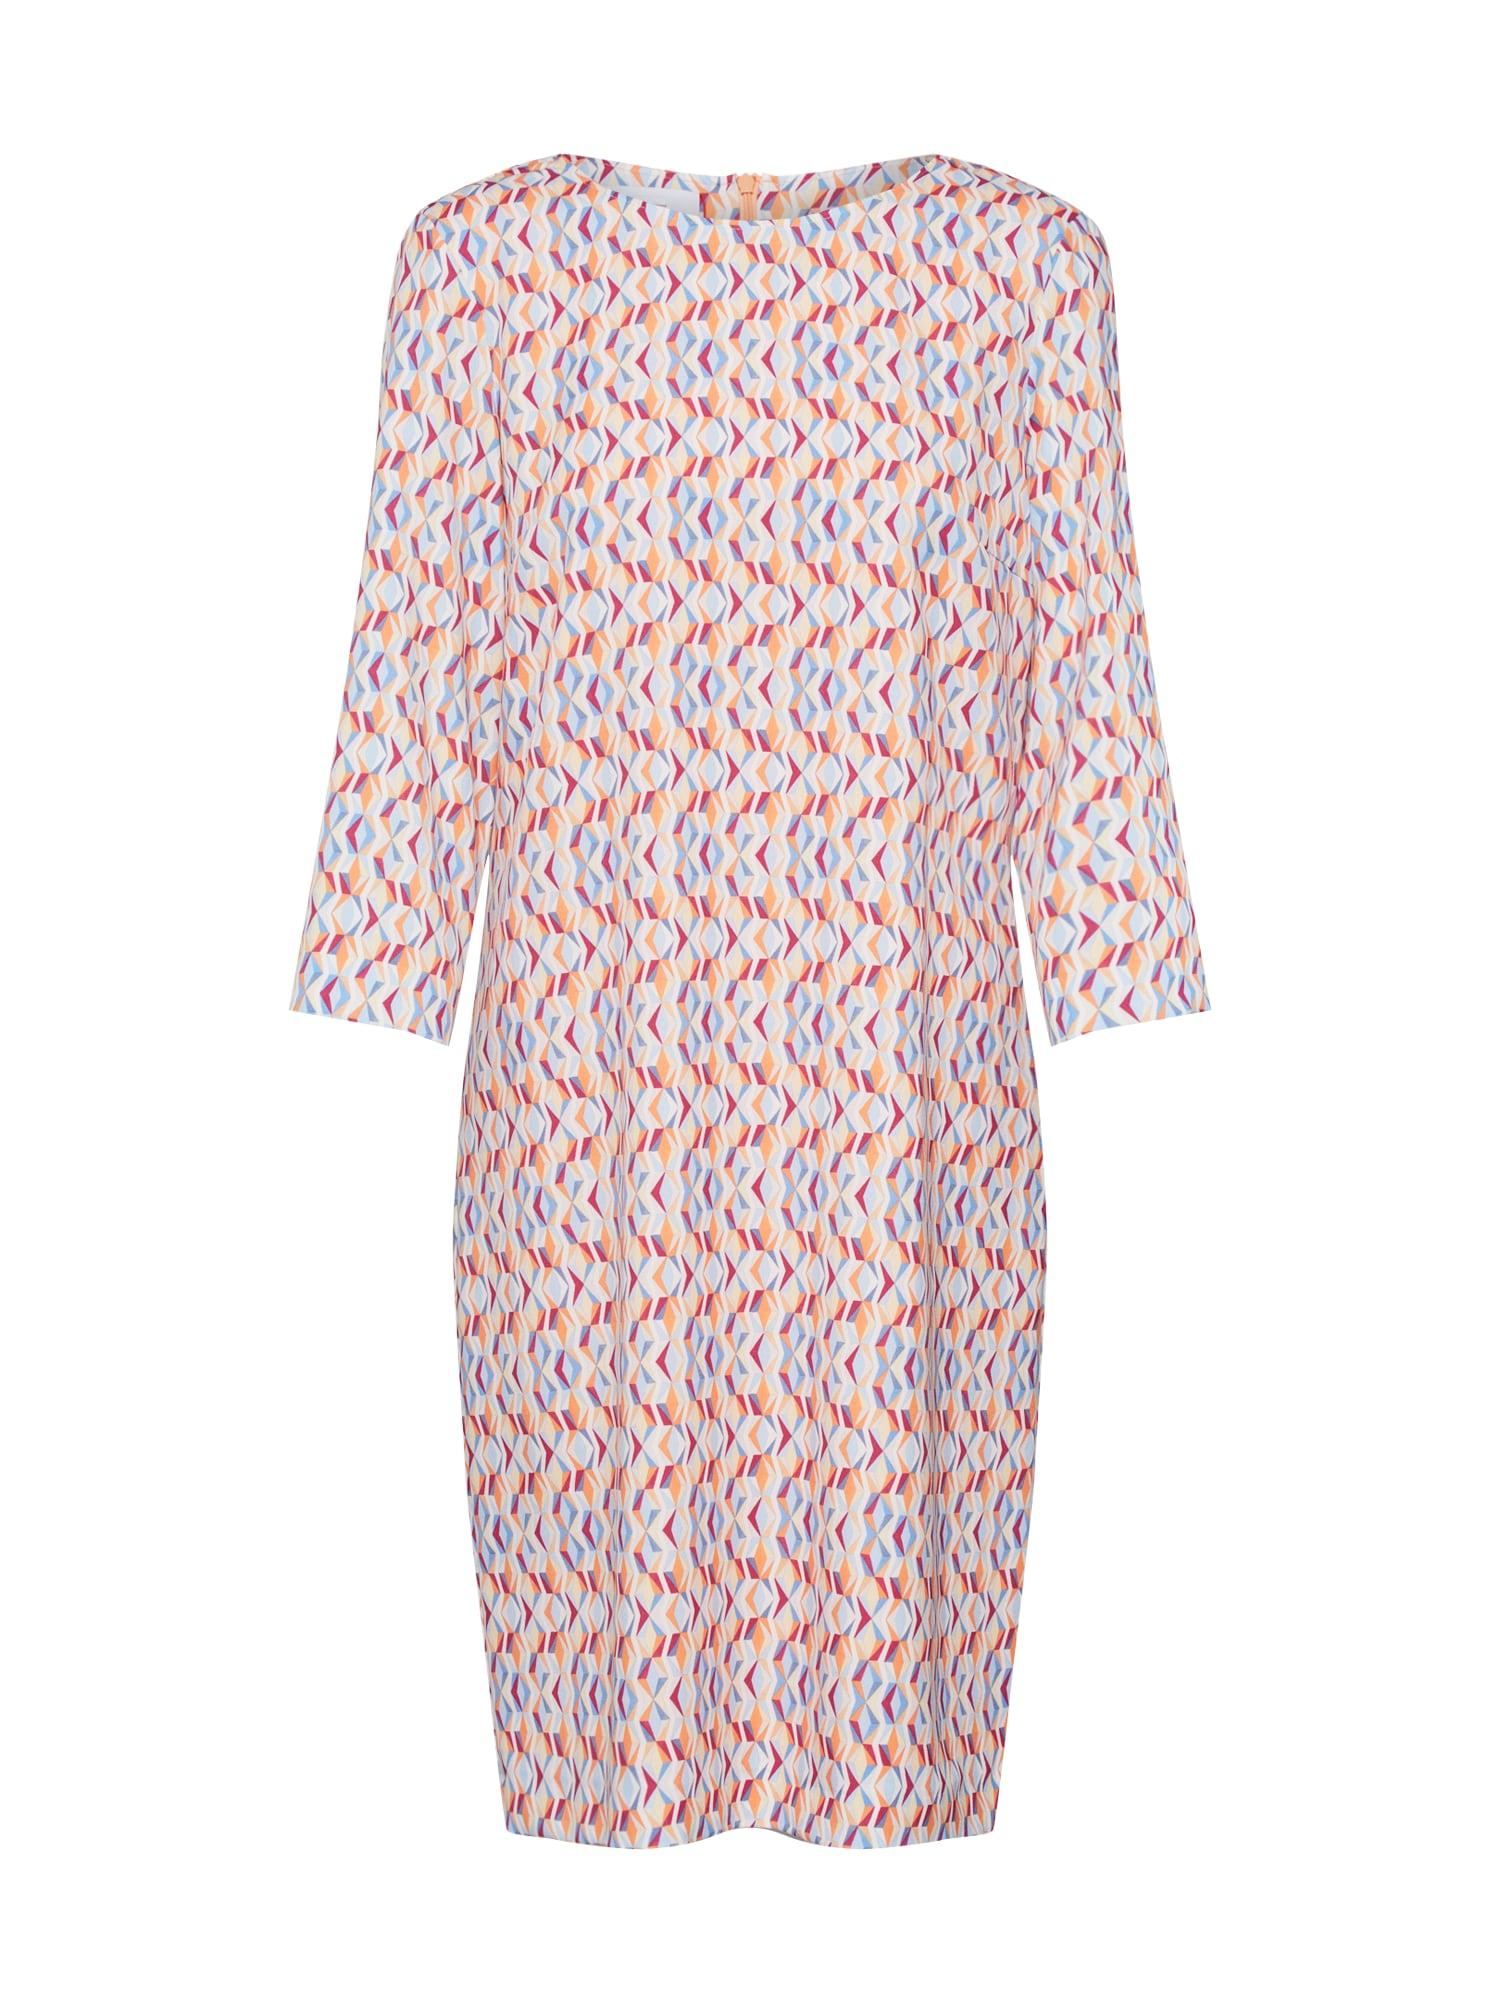 CINQUE Palaidinės tipo suknelė 'Ciesta' mišrios spalvos